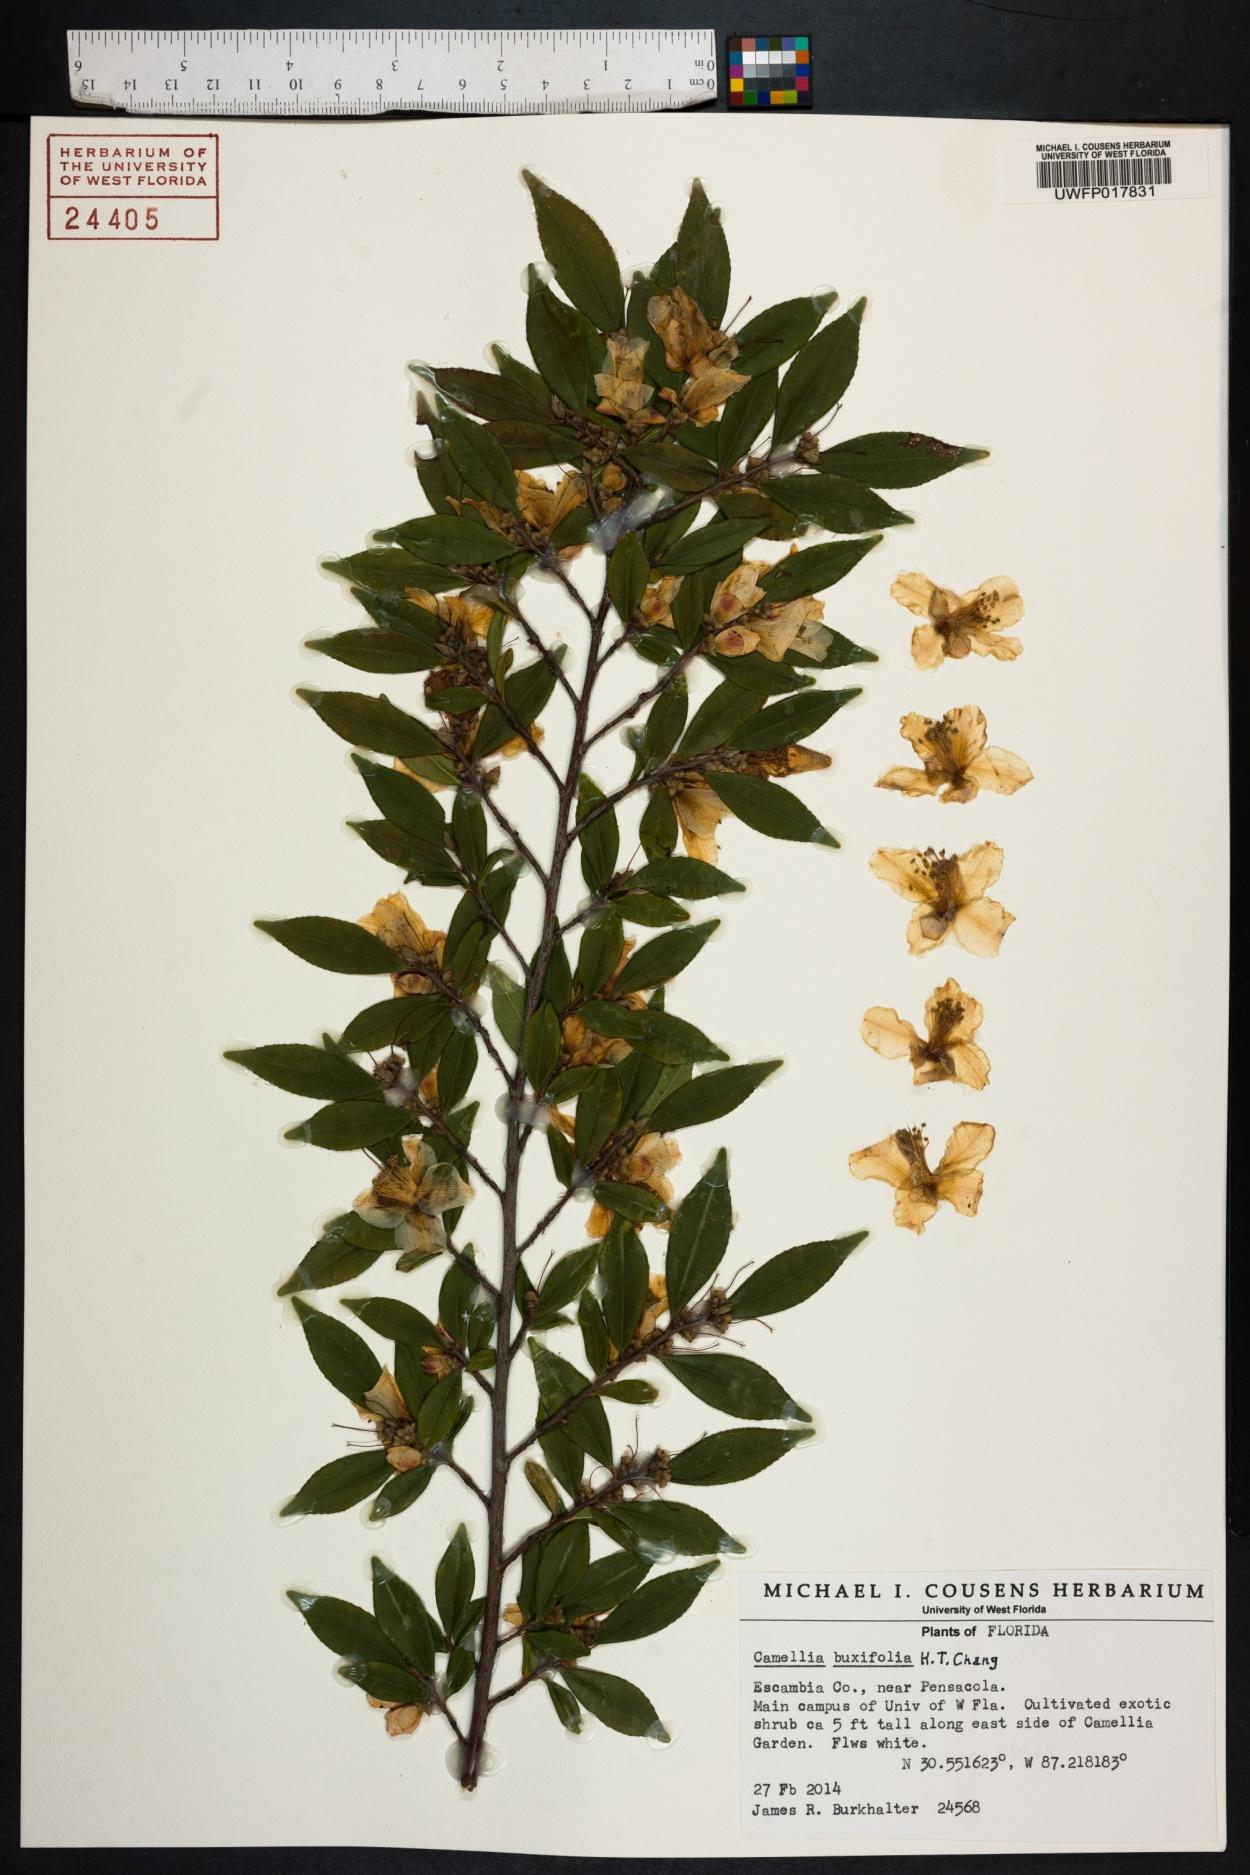 Camellia buxifolia image